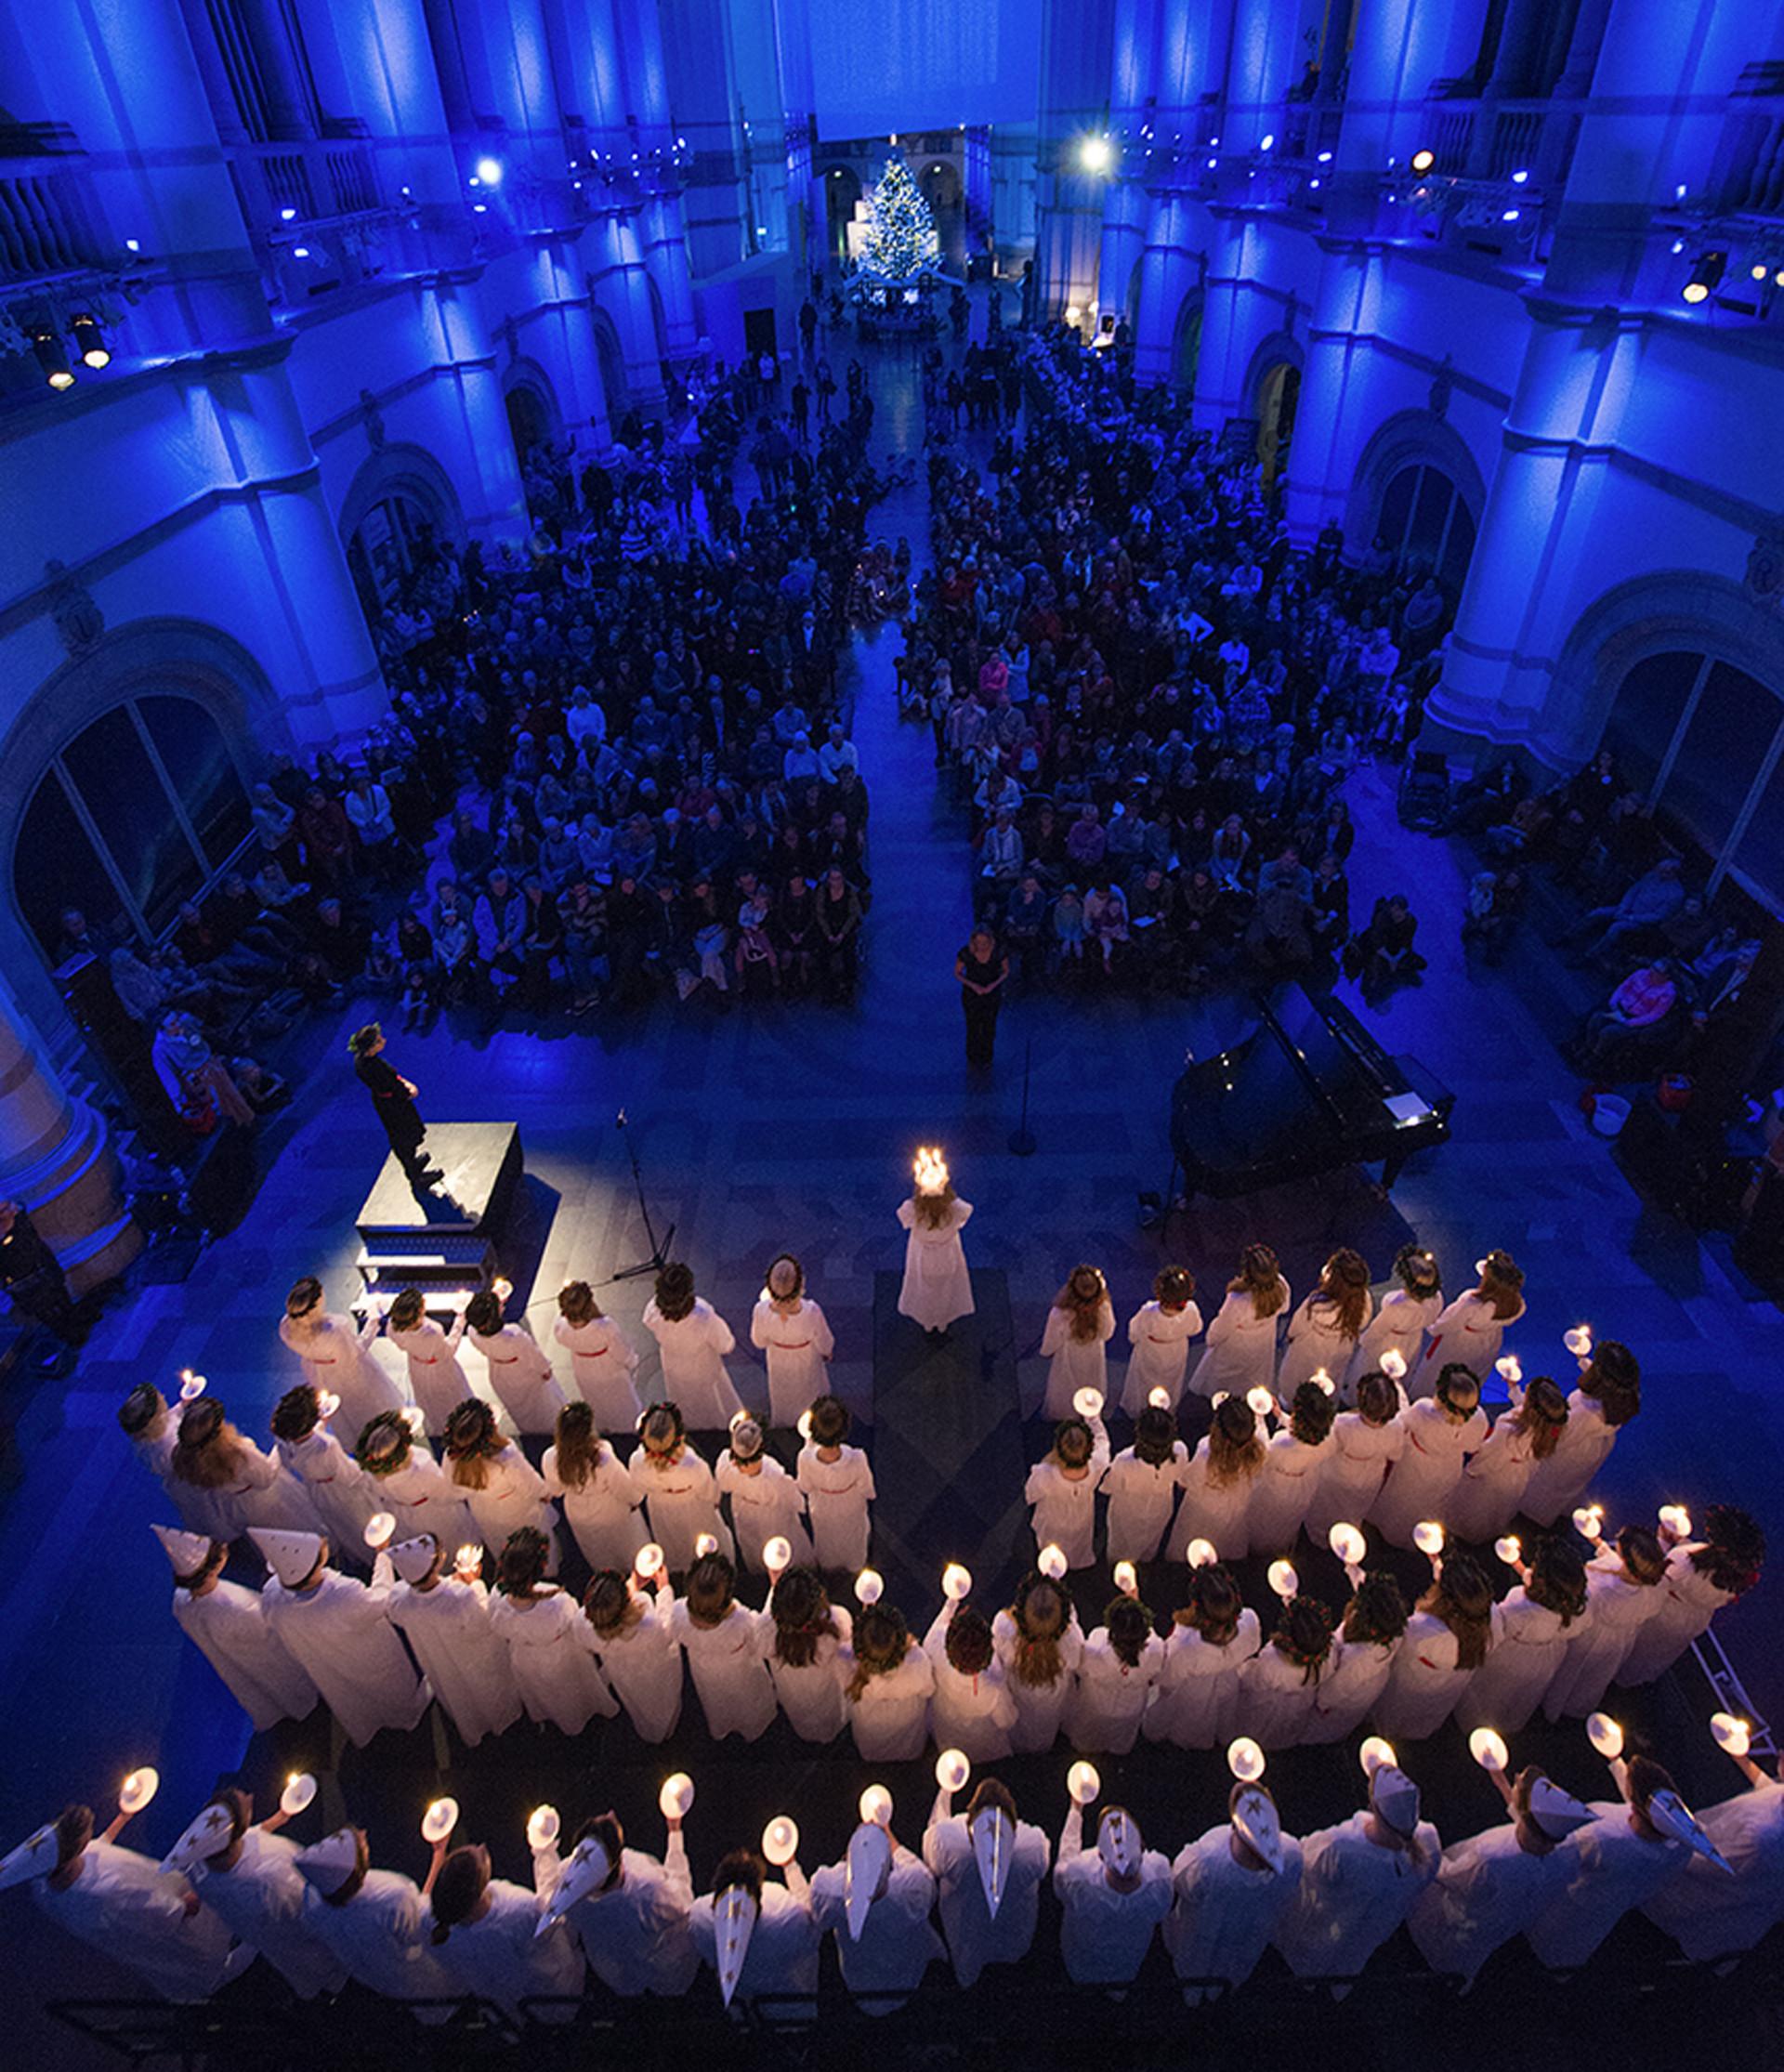 Luciakonsert med Adolf Fredriks musikklasser. Foto: Peter Segemark/ Nordiska museet